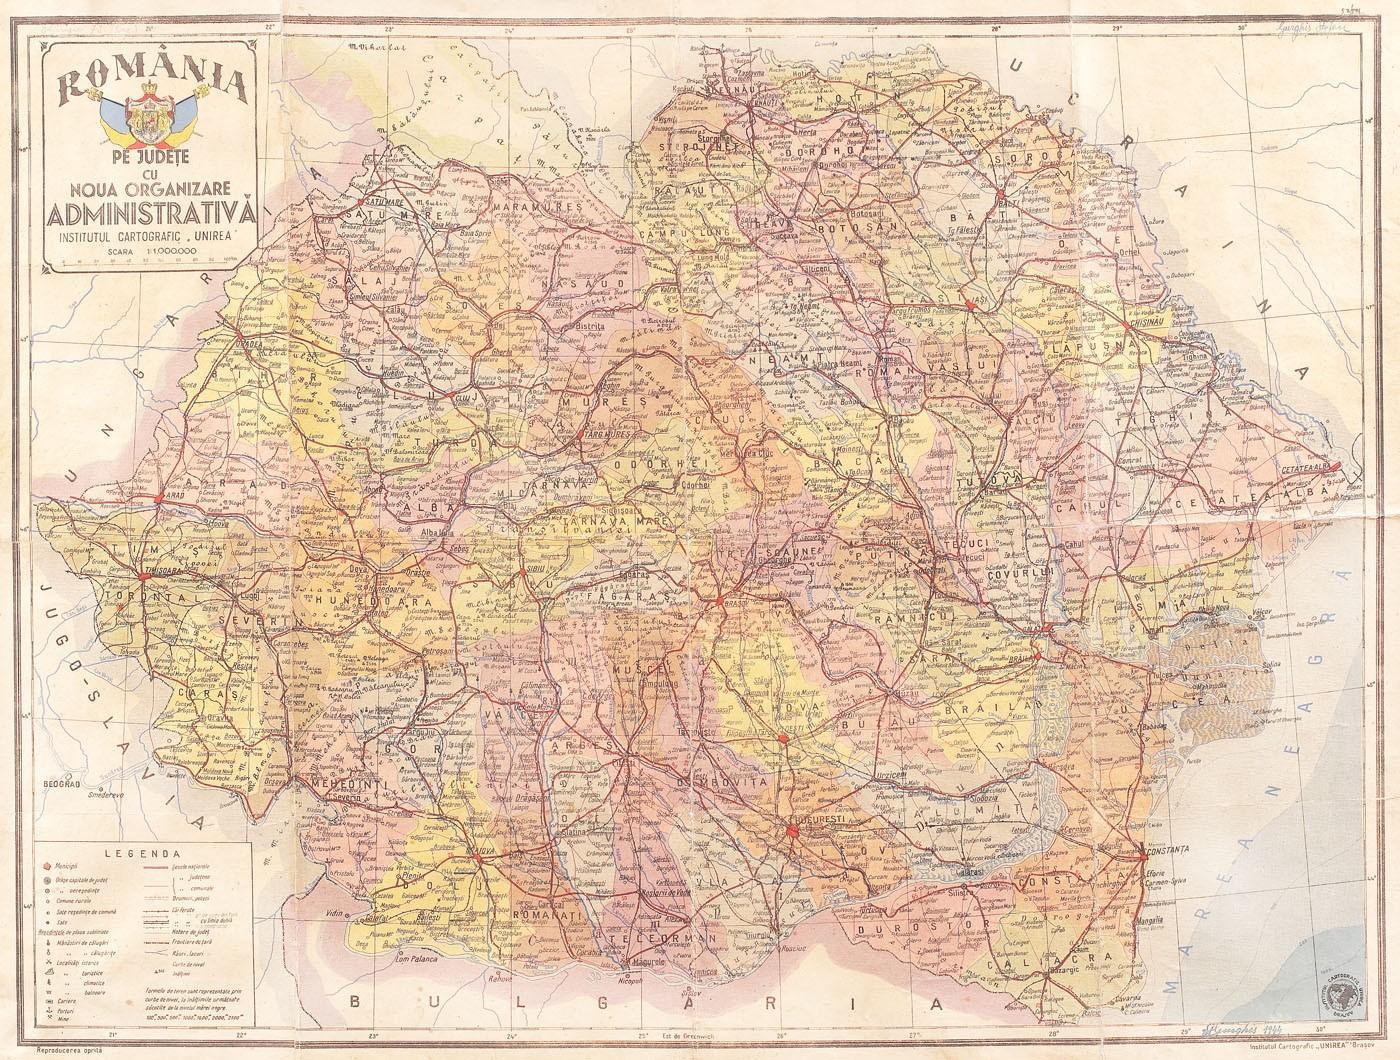 Acum 100 de ani, Transilvania s-a întors, definitiv, acasă!